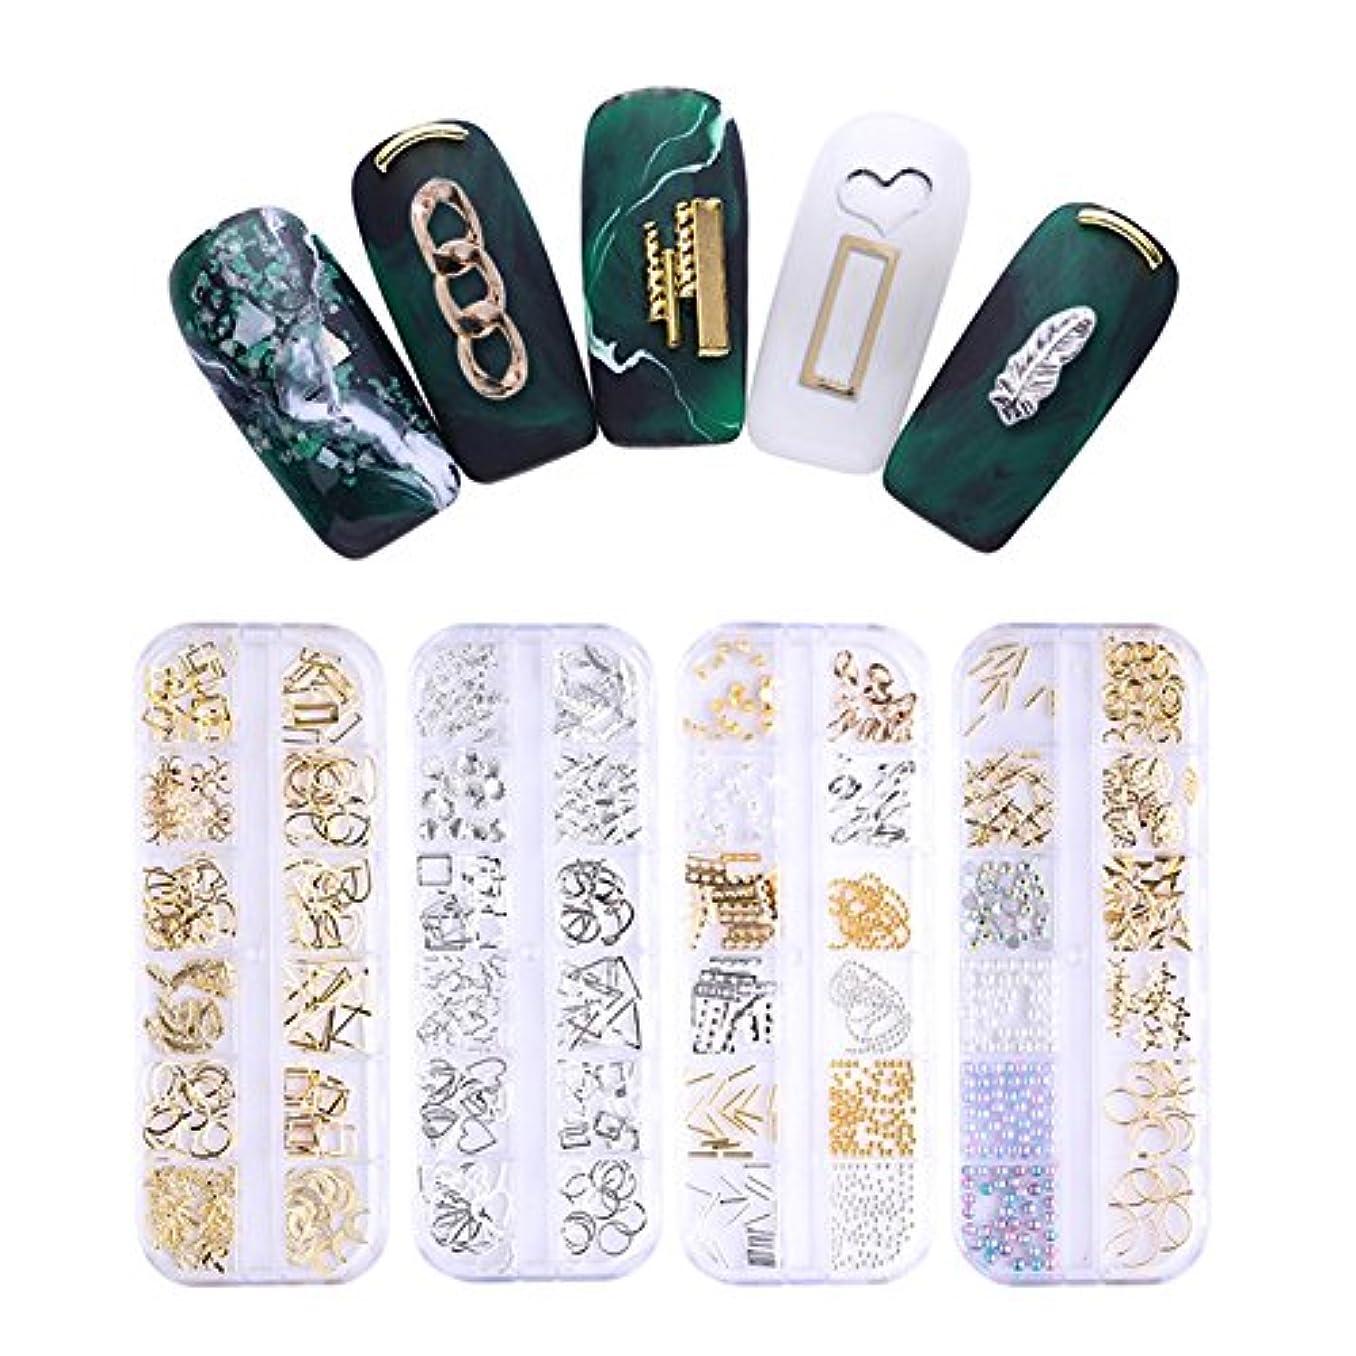 消える護衛そこNICOLE DIARY ネイルパーツ メタルパーツ ゴールド レジンデコ デコパーツ 12類*4個セット ネイルアート セルフネール デコレーション用 [並行輸入品]